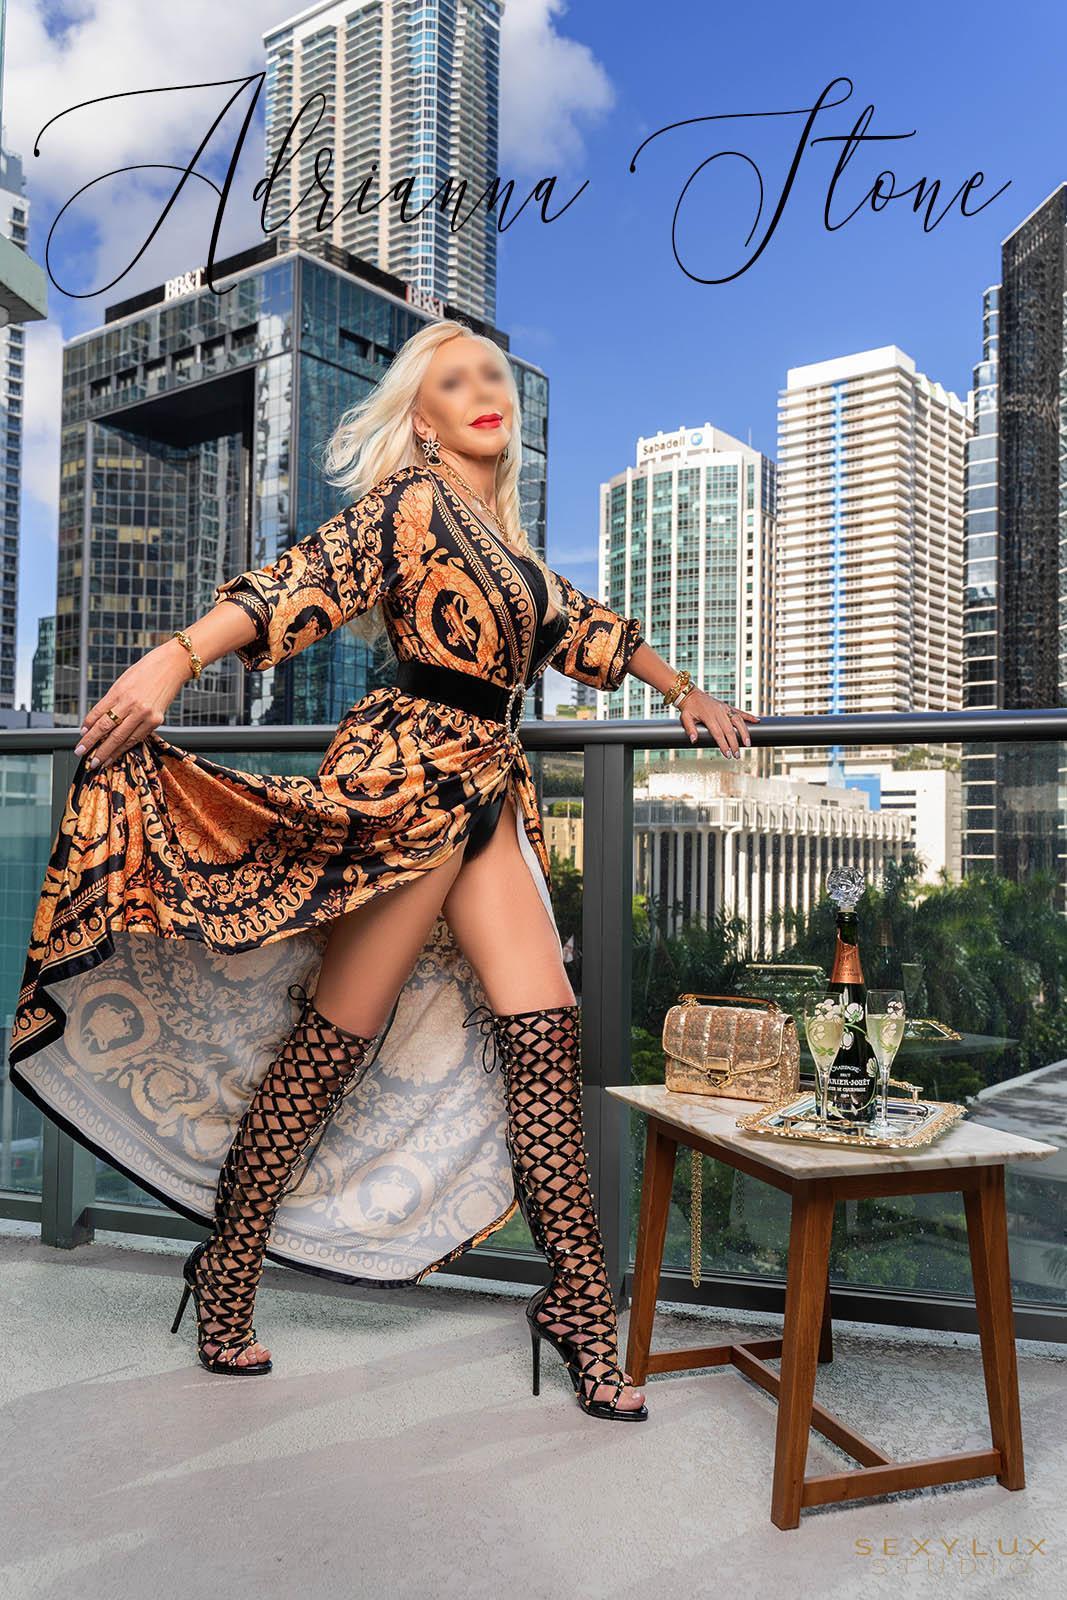 Blonde Miami escort